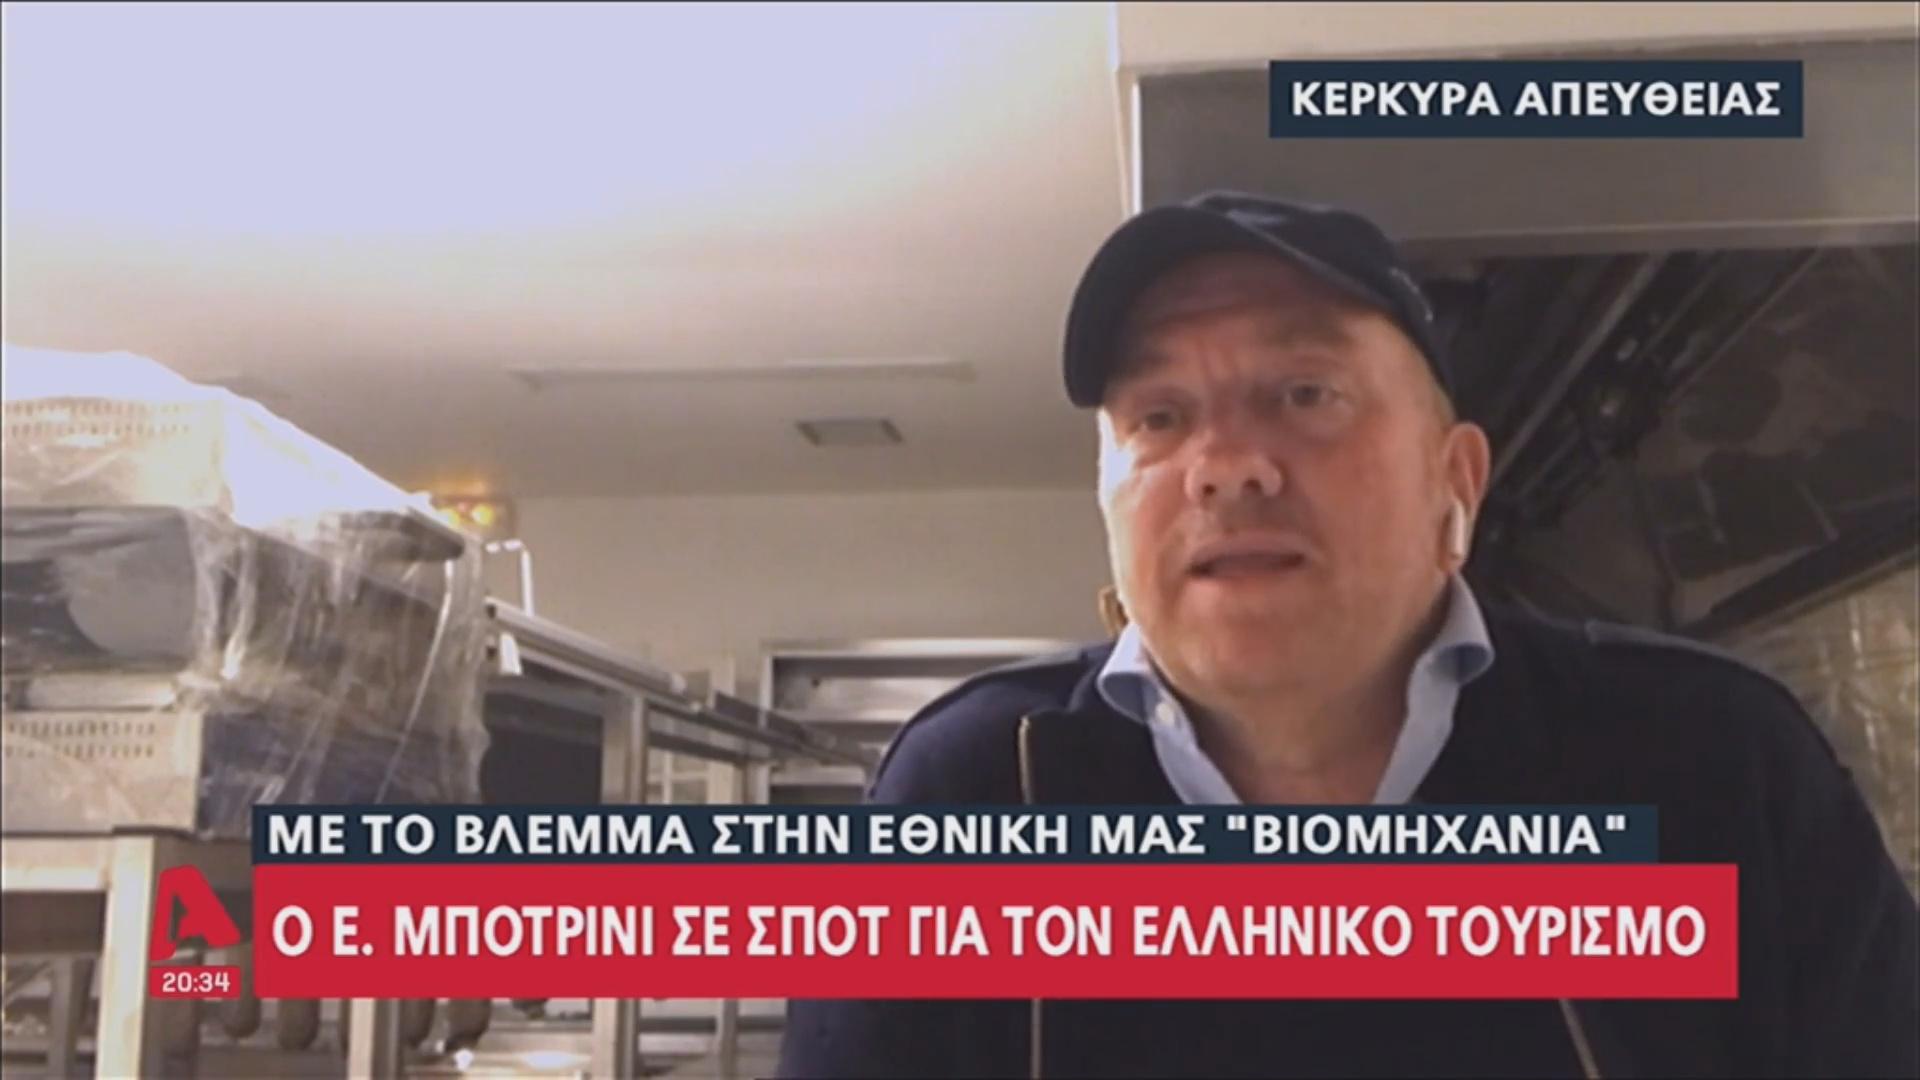 im_mpotrini